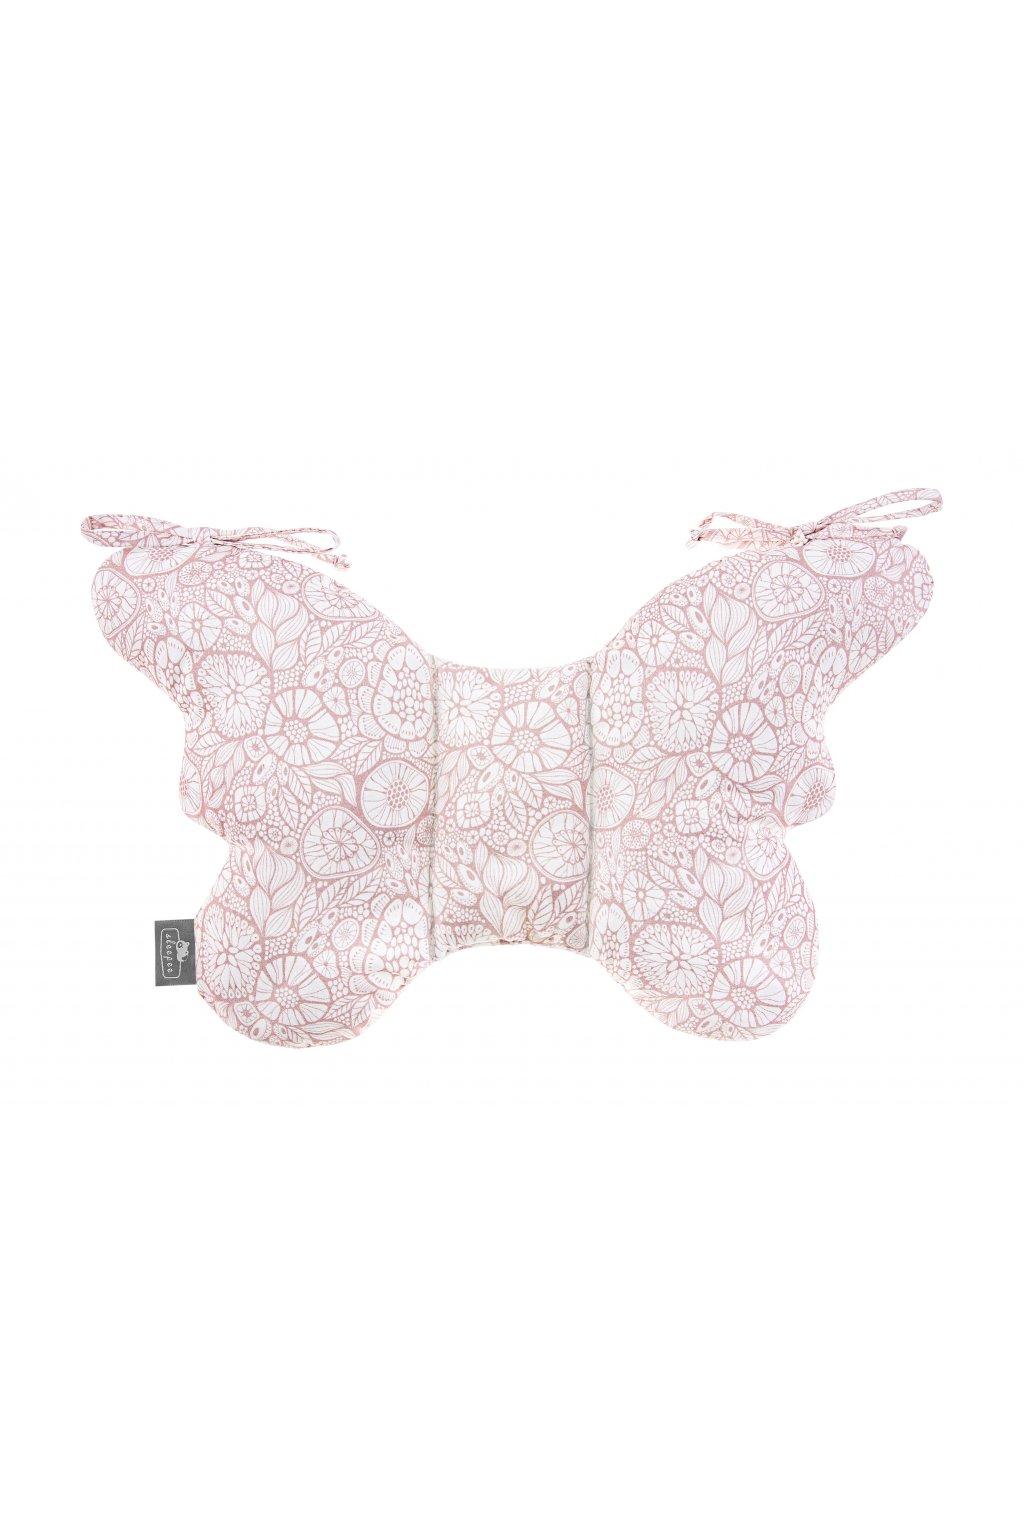 Stabilizační polštářek Sleepee Butterfly pillow růžová